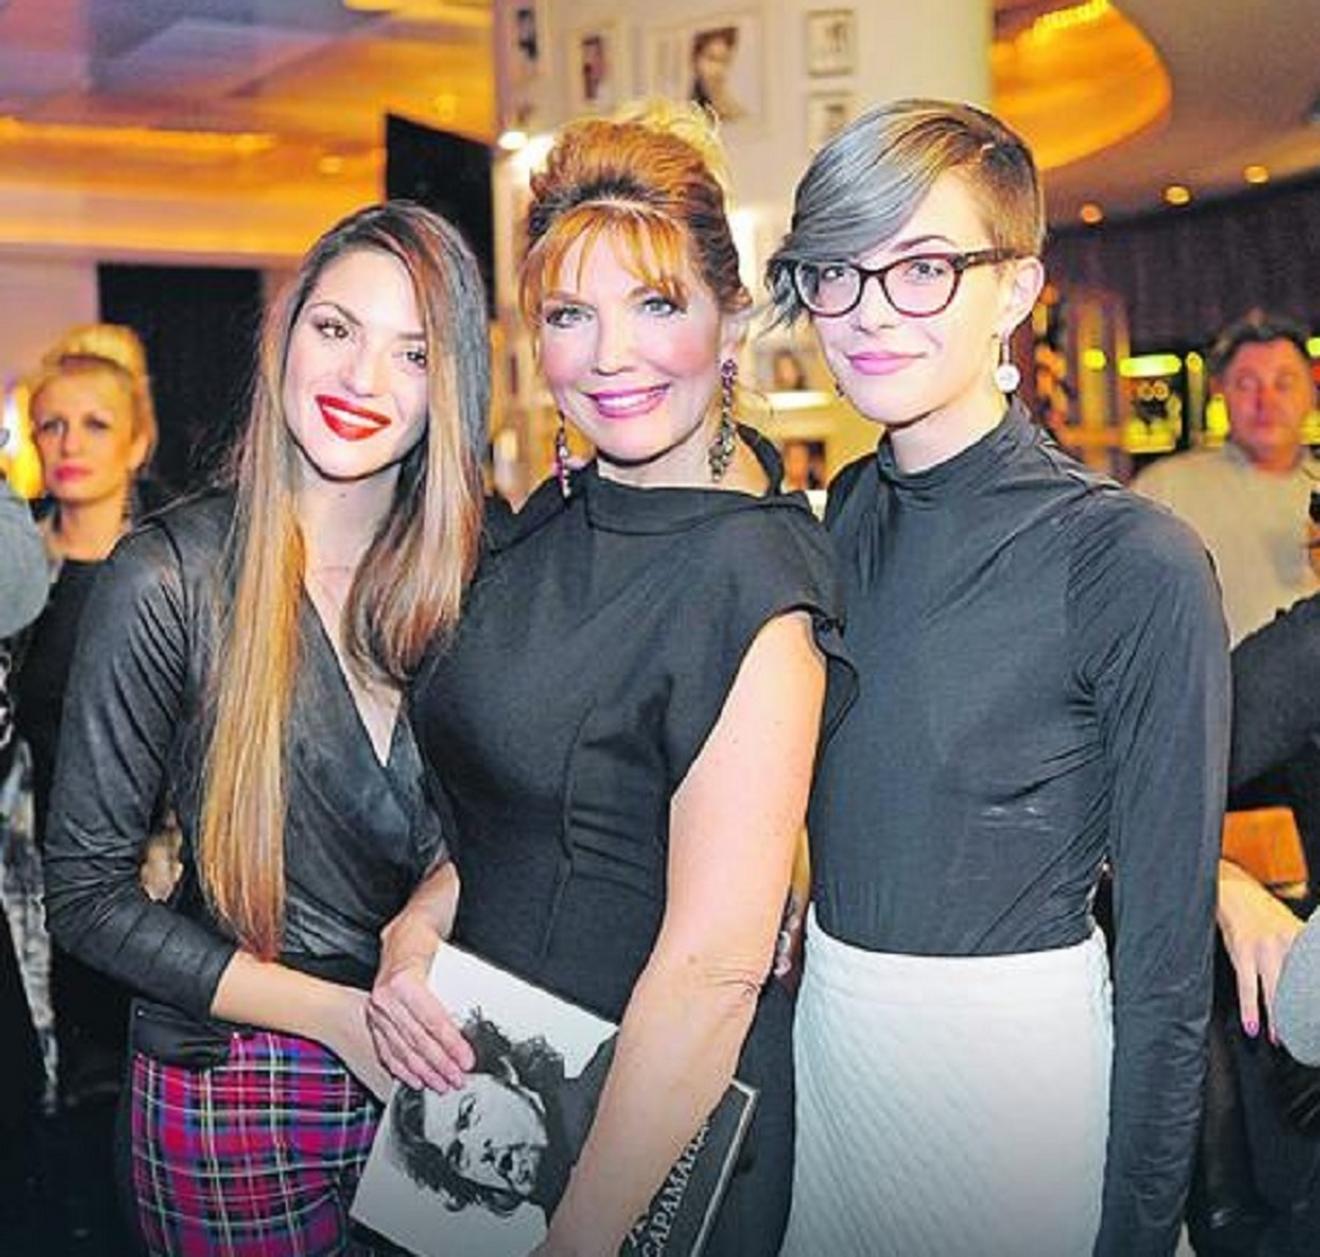 Neke ćerke su ujedinile tatine i mamine gene: Suzana Mančić sa ćerkama Teodorom i Natalijom